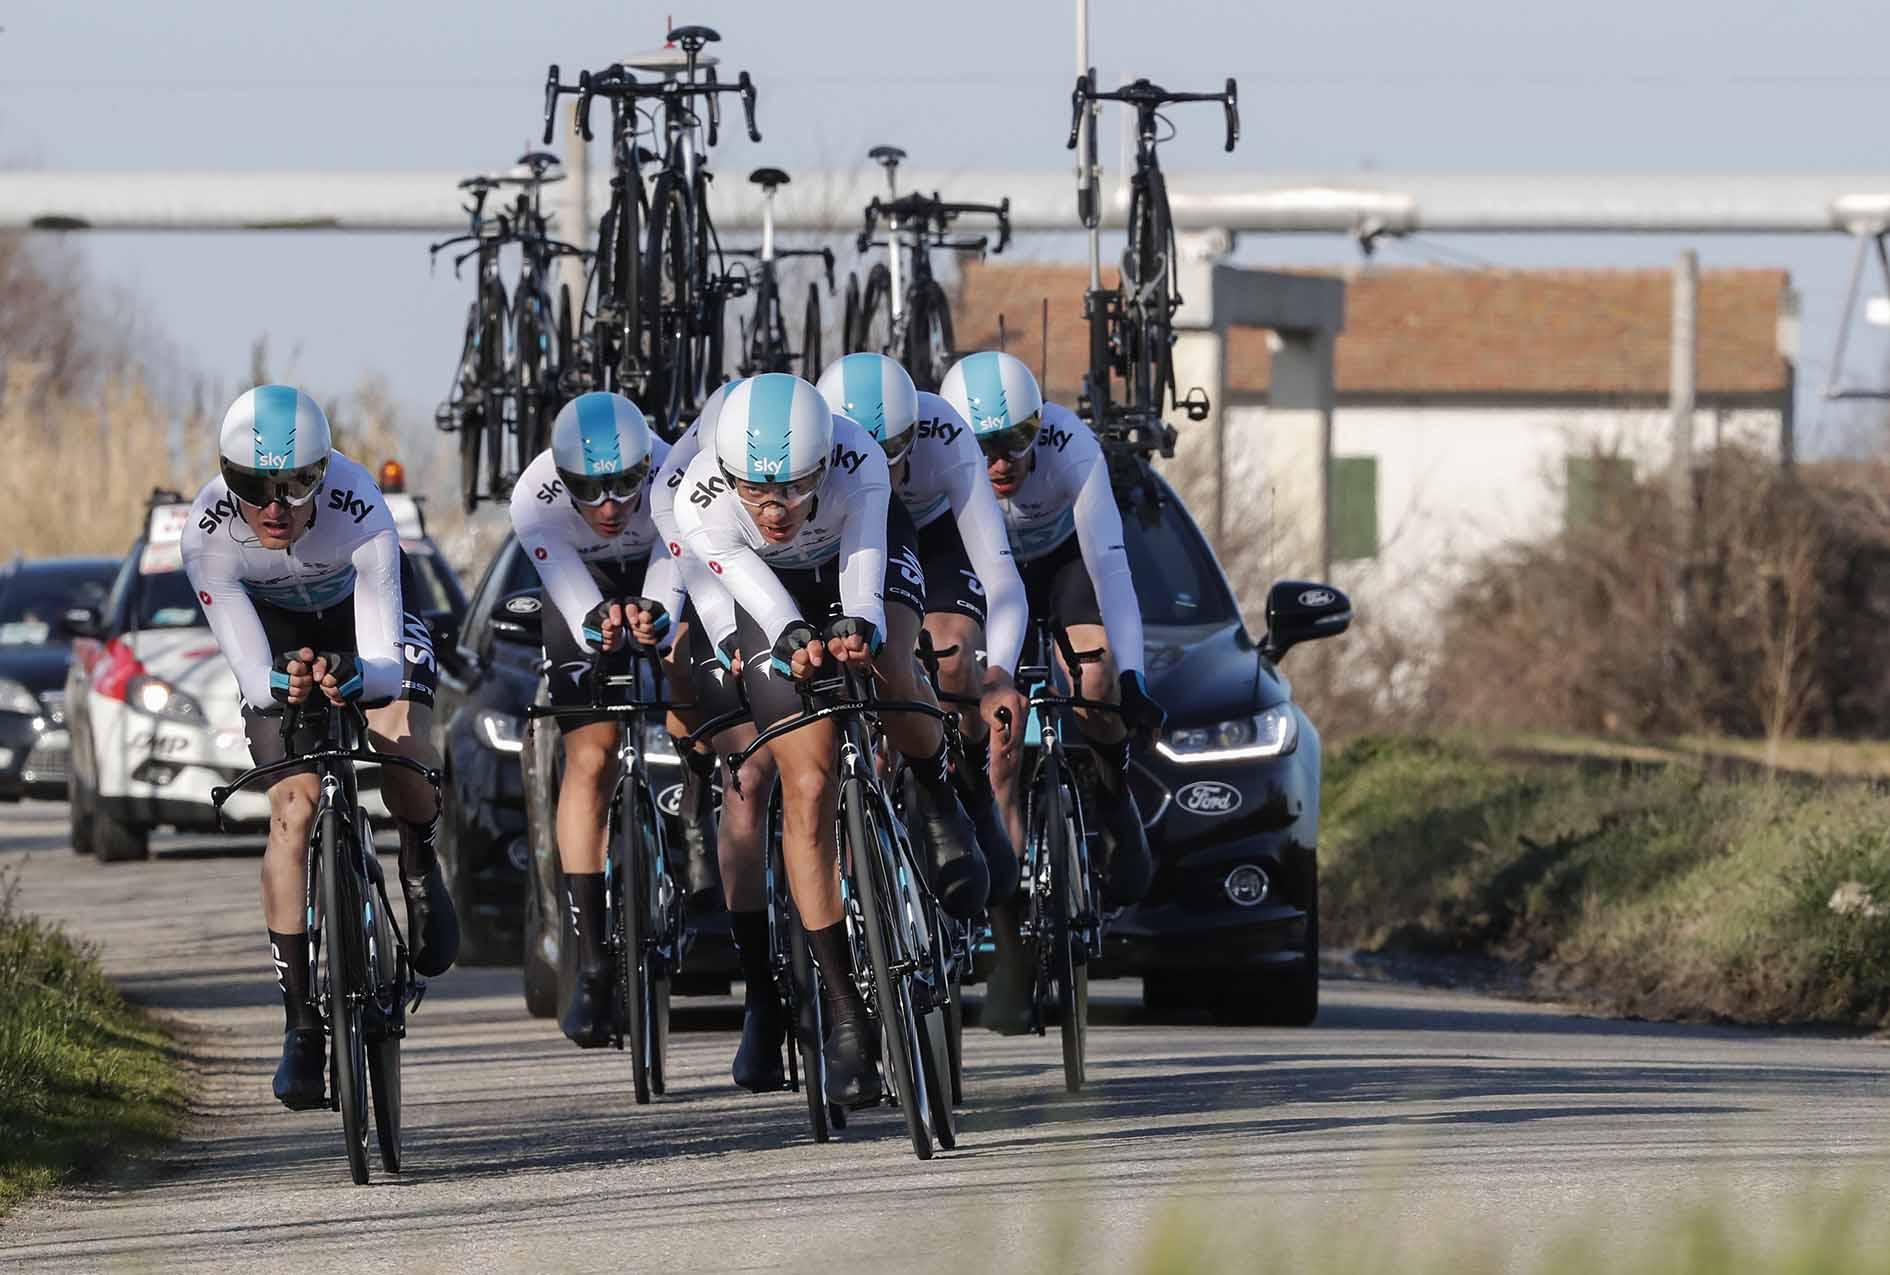 Il Team Sky vince la cronosquadre della Settimana Coppi e Bartali 2018